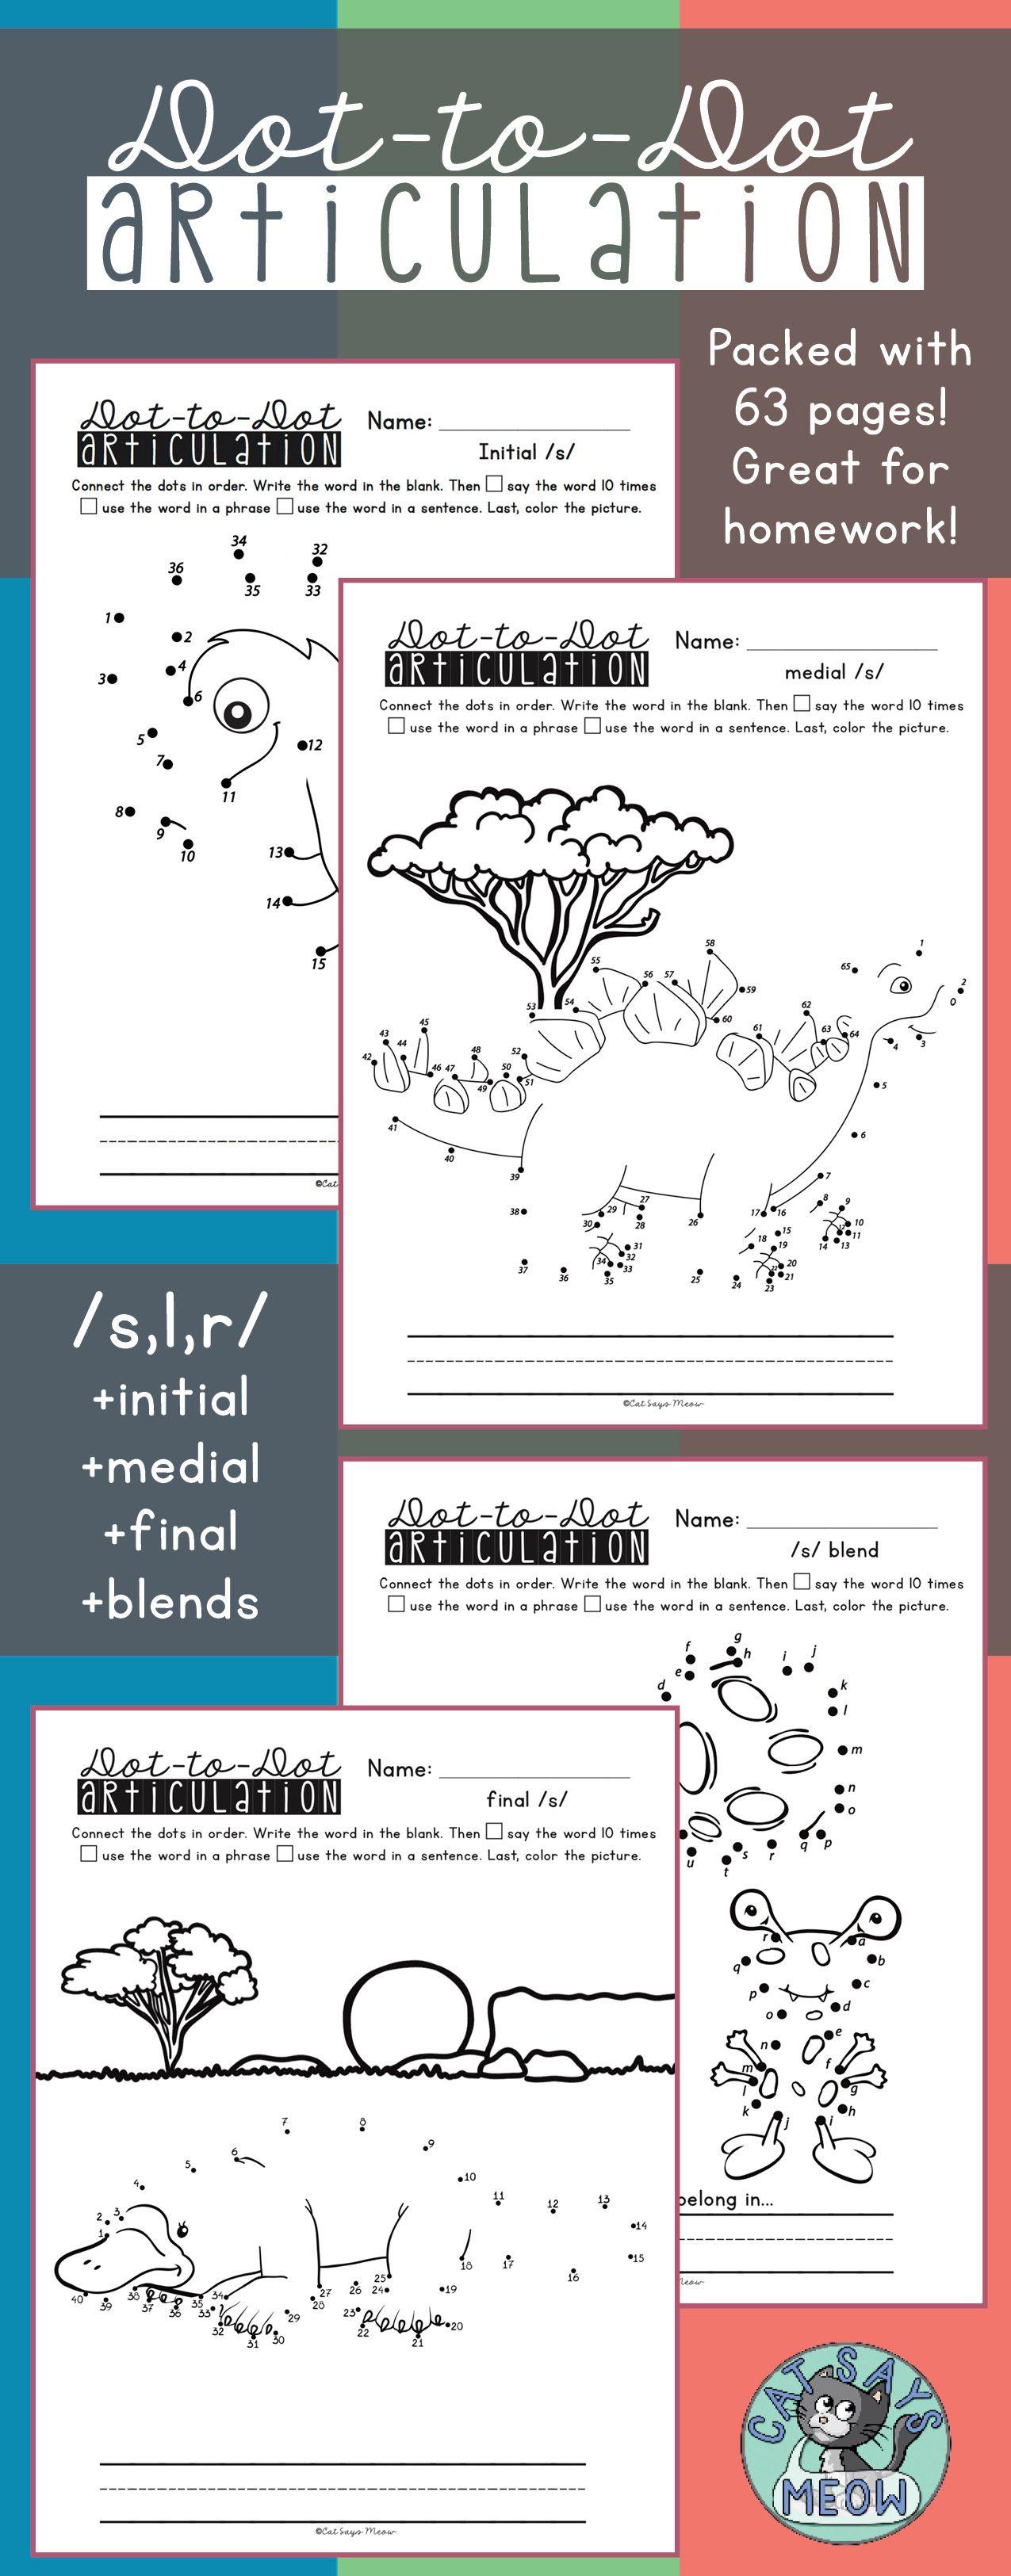 Articulation Homework Dot To Dot Worksheets For S L R Blends No Prep